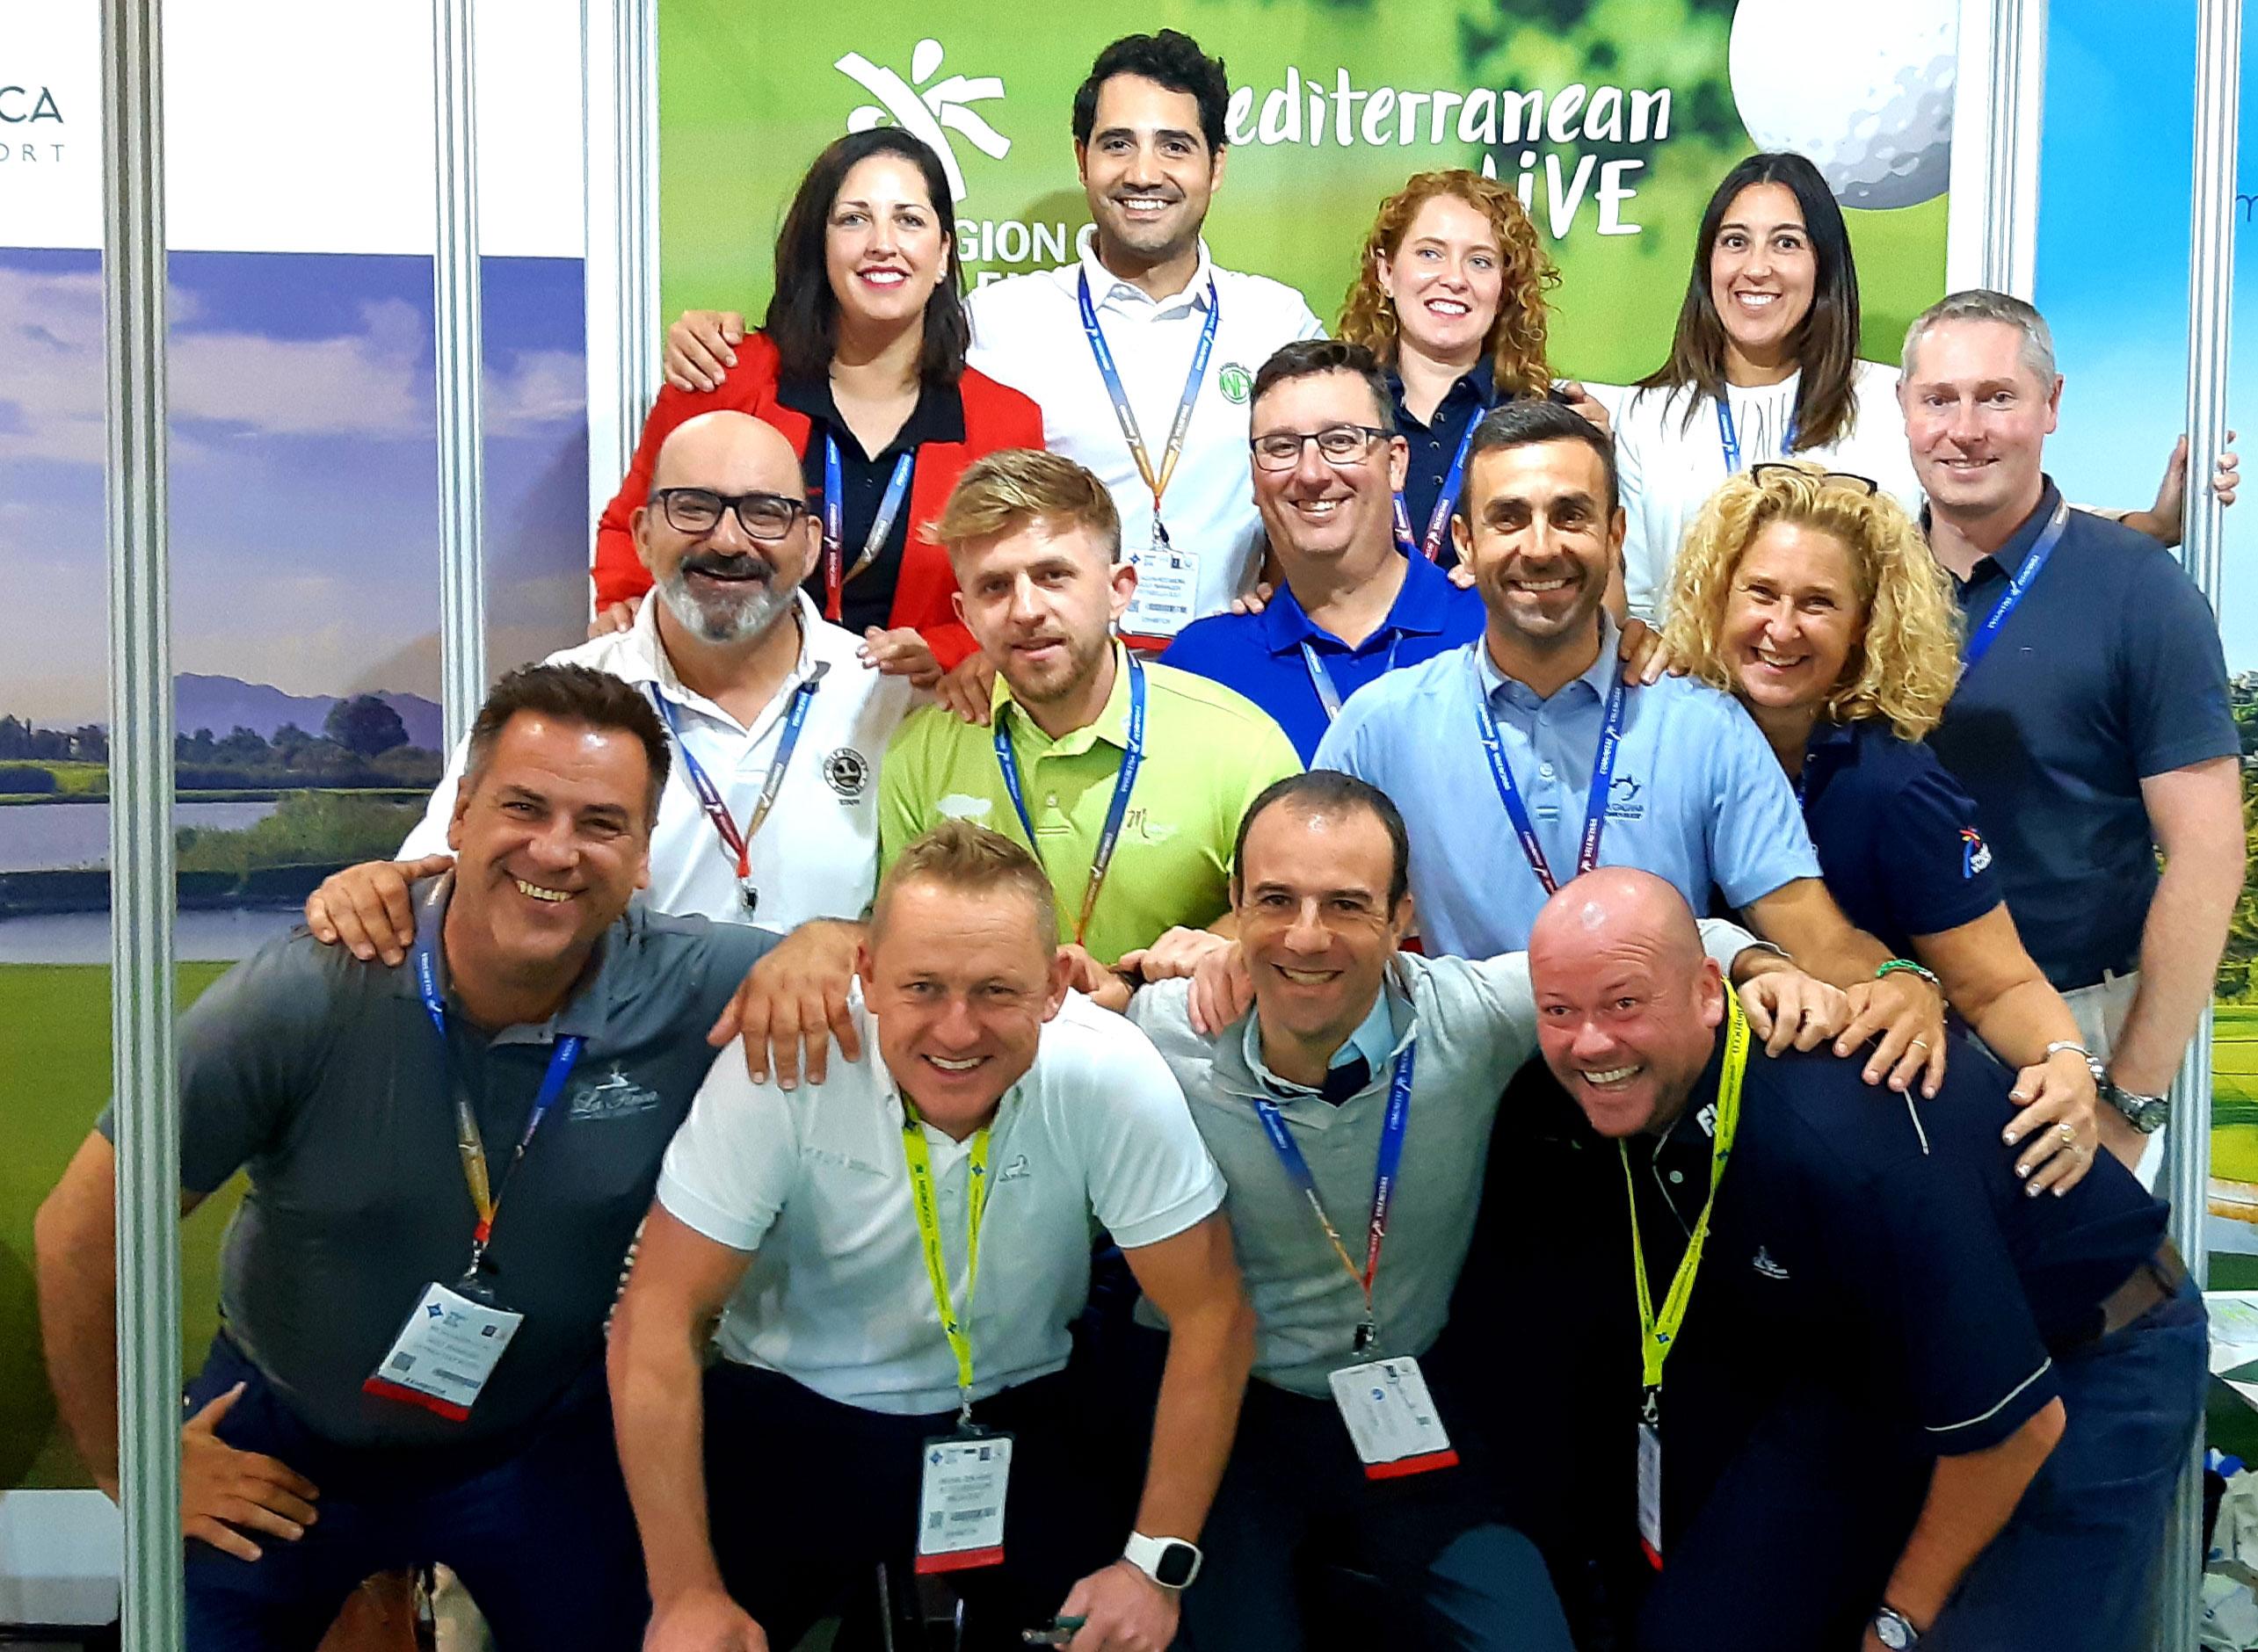 Asociación de Campos de la Costa Blanca y C.V en Marrakech (IGTM 2019)